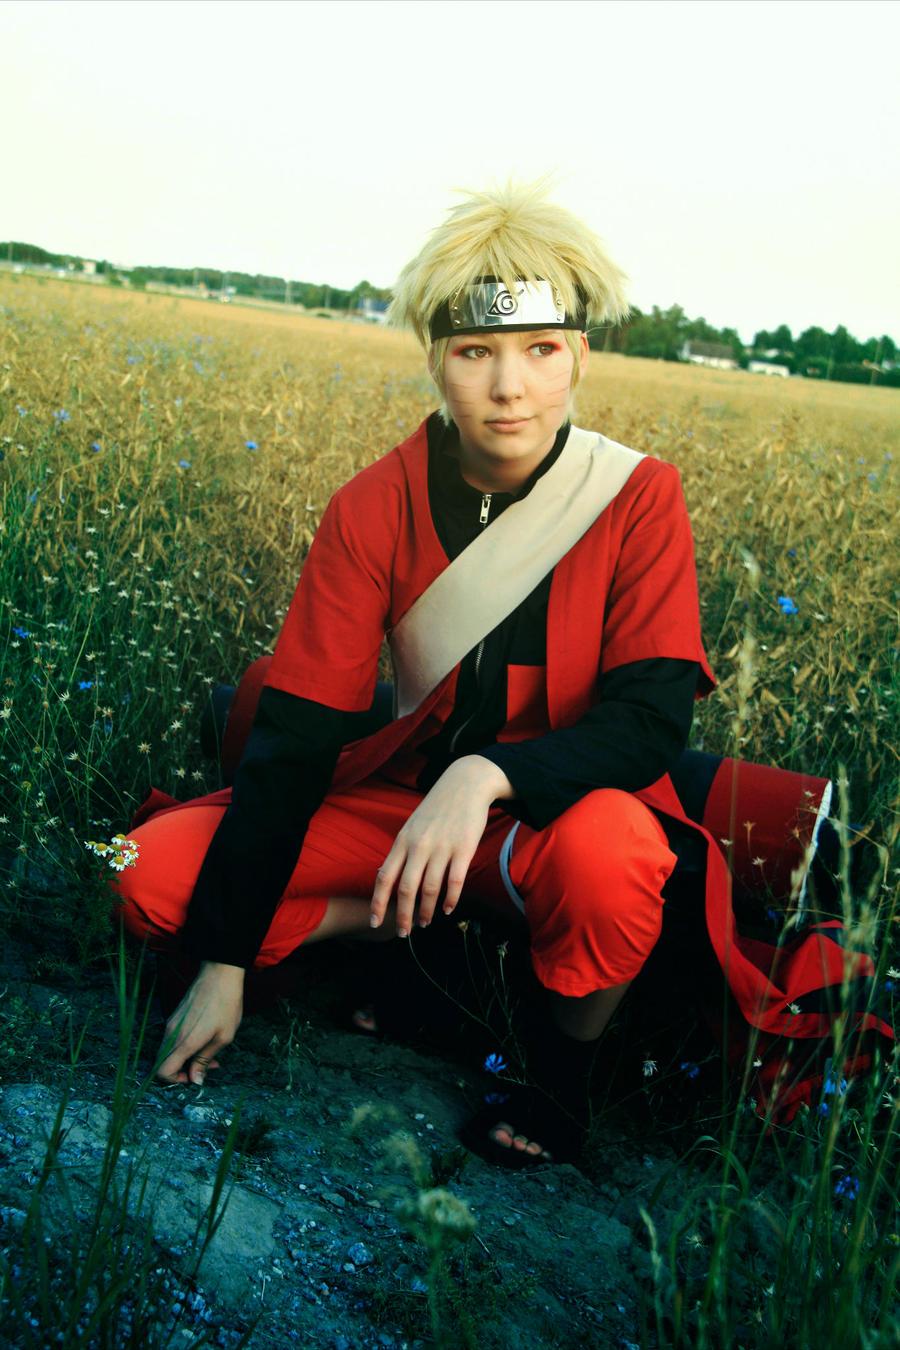 Uzumaki Naruto - Let's go! by Mimixum